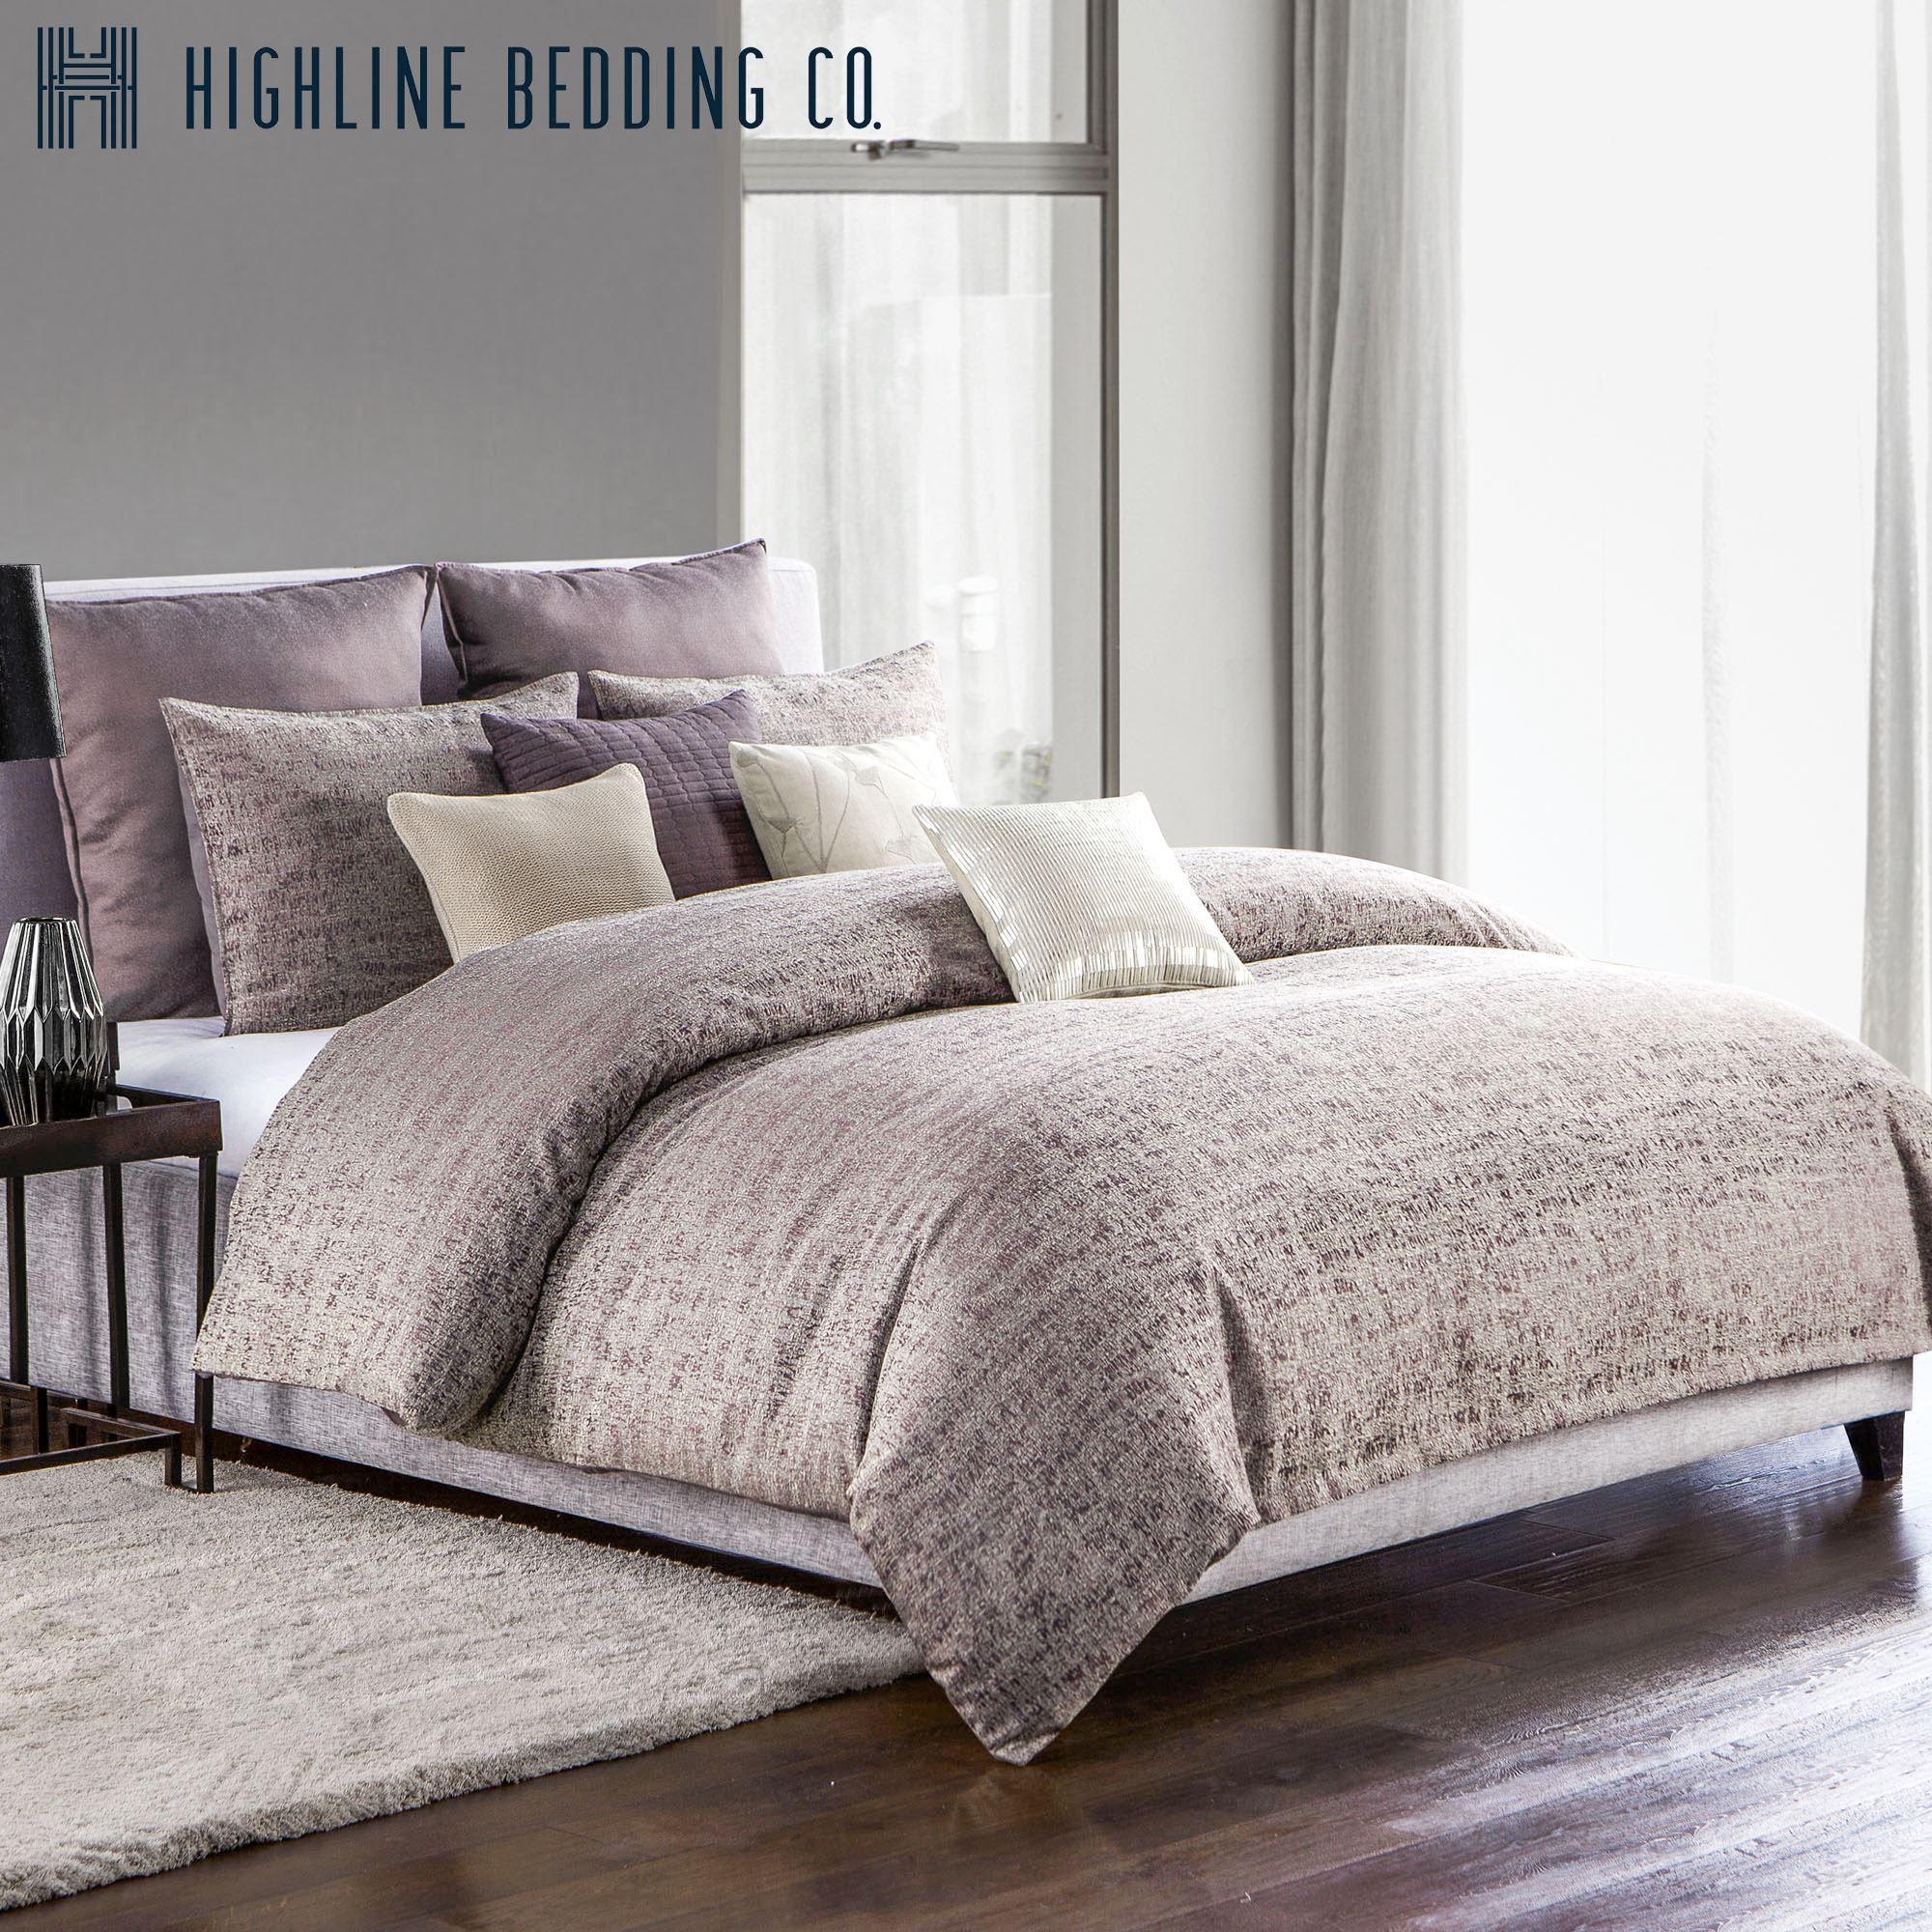 Driftwood Mini Comforter Set By Highline Bedding Comforter Sets